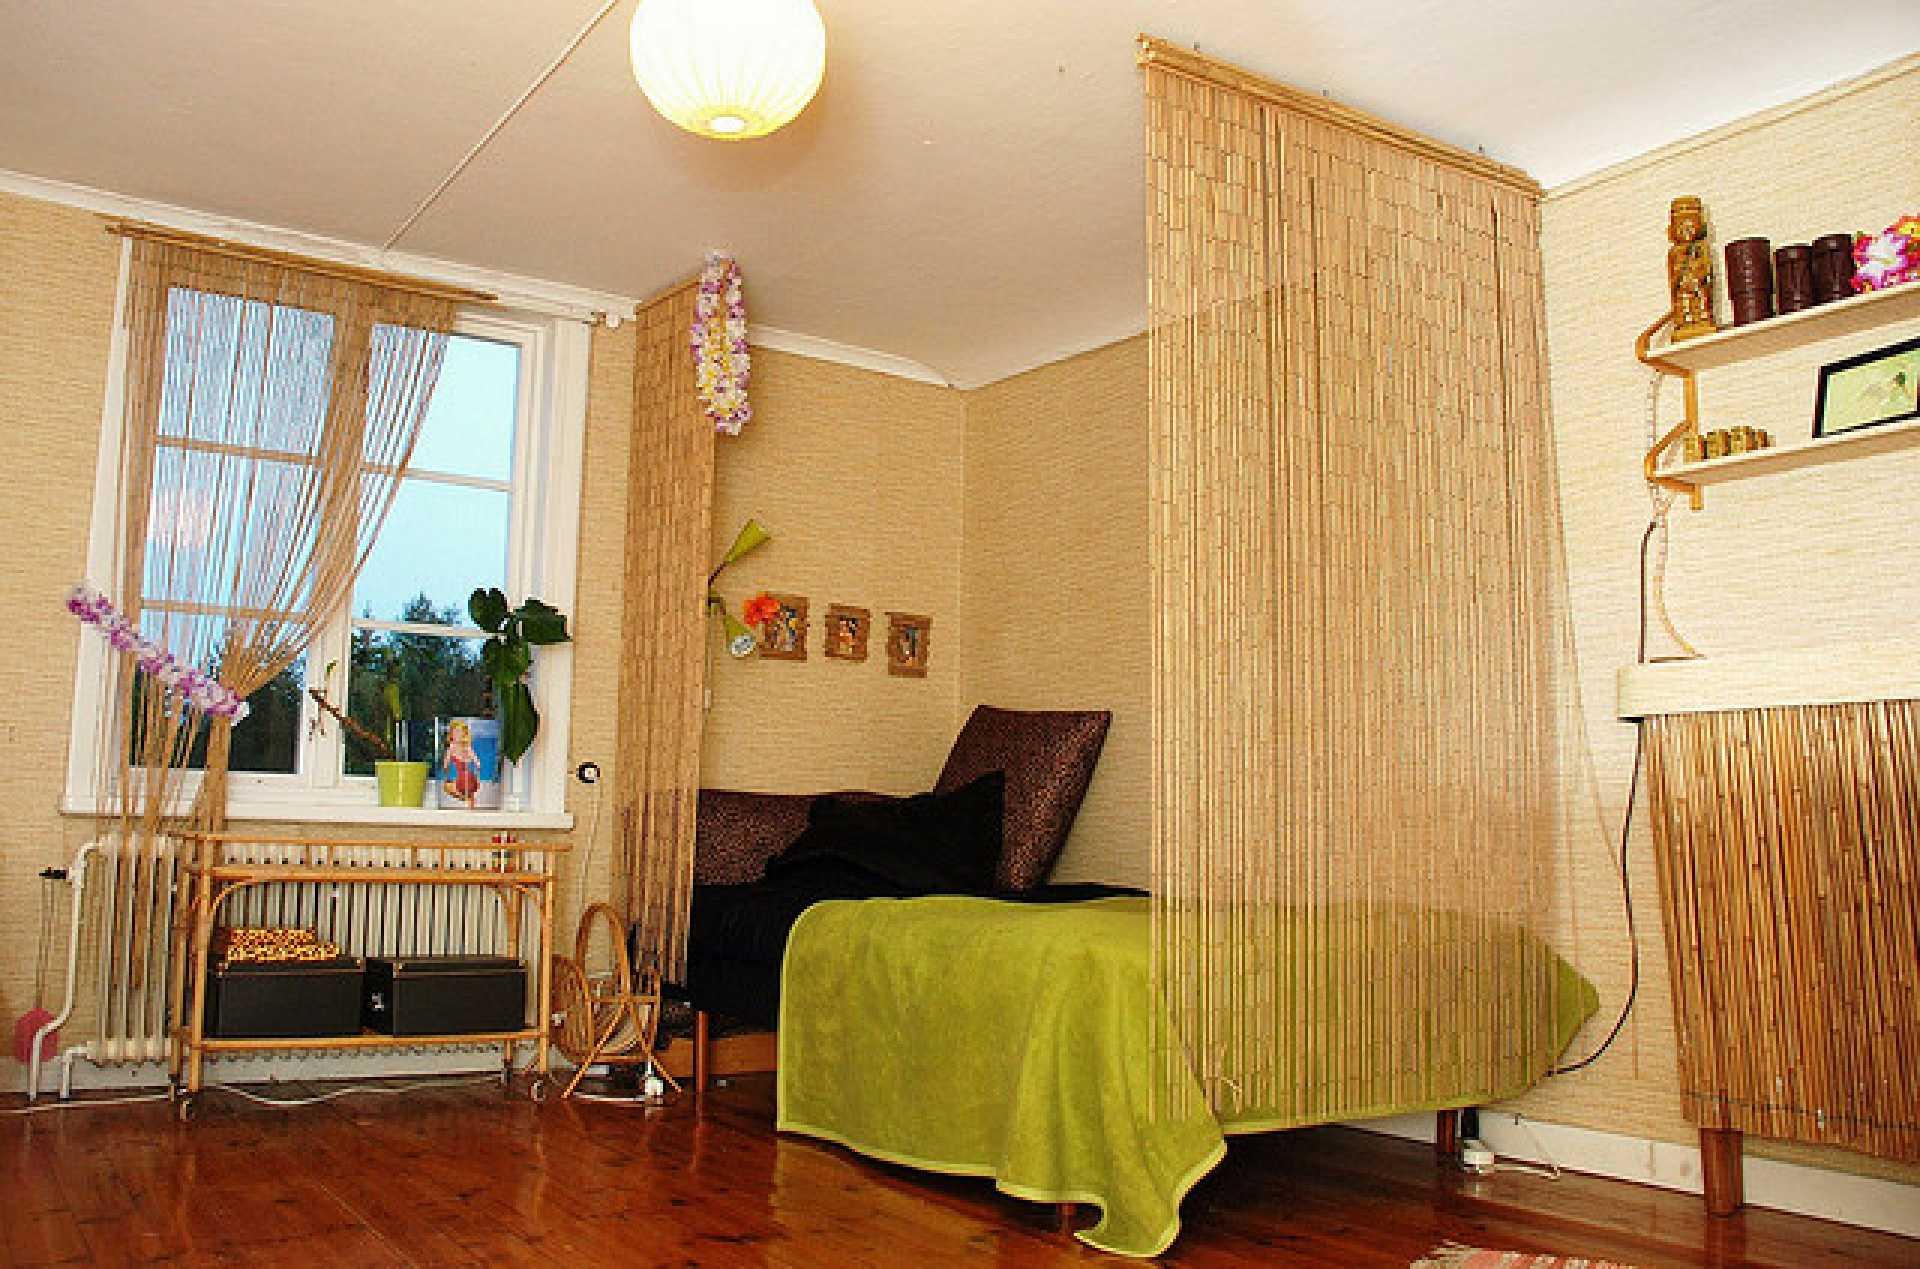 Objetos de bambu na decoração 7